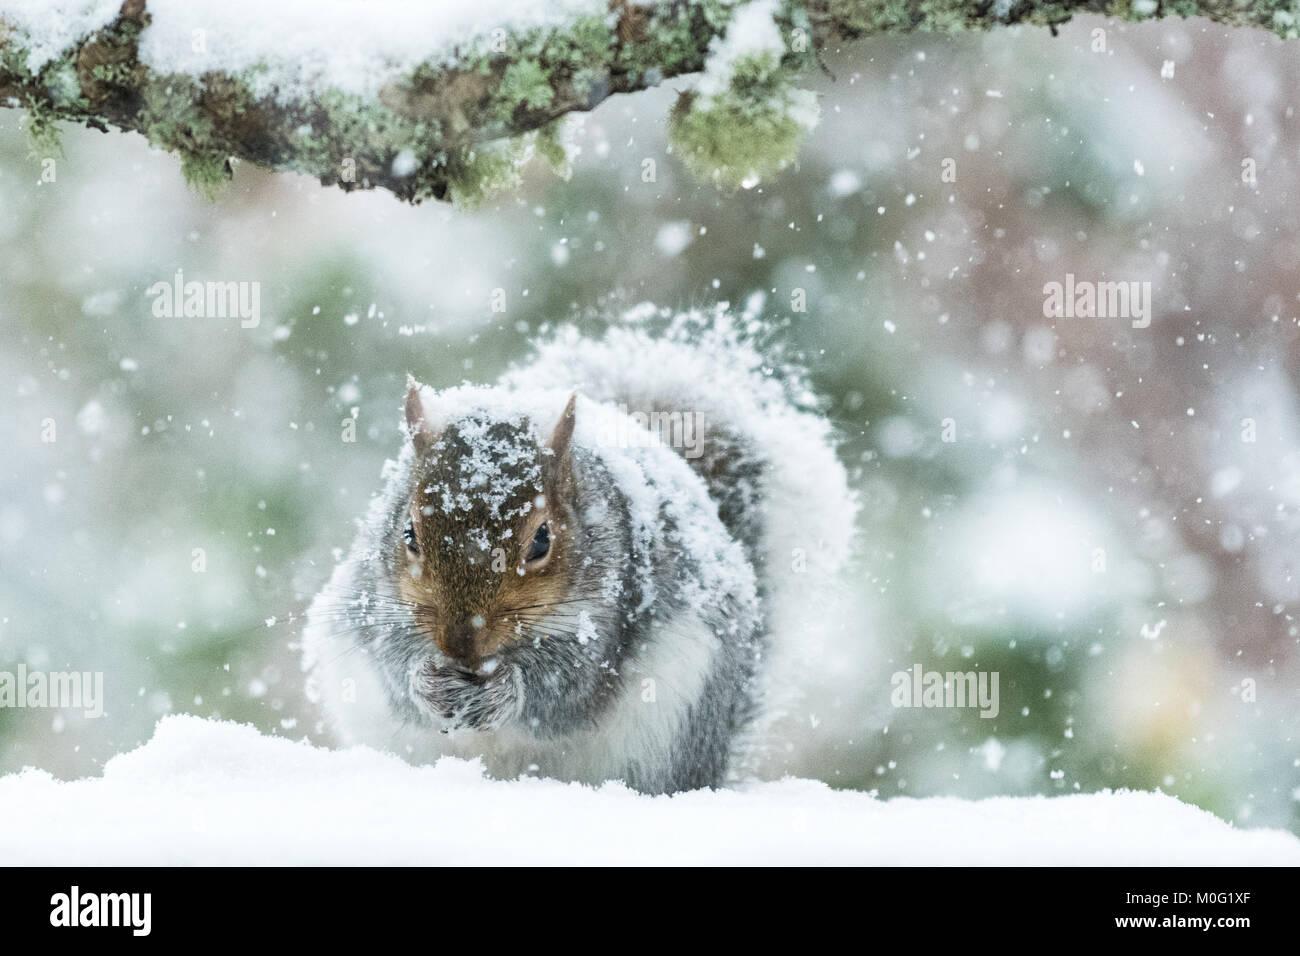 Ardilla gris en el Reino Unido en invierno, cubierto de una gruesa capa de nieve - Escocia, Reino Unido Imagen De Stock